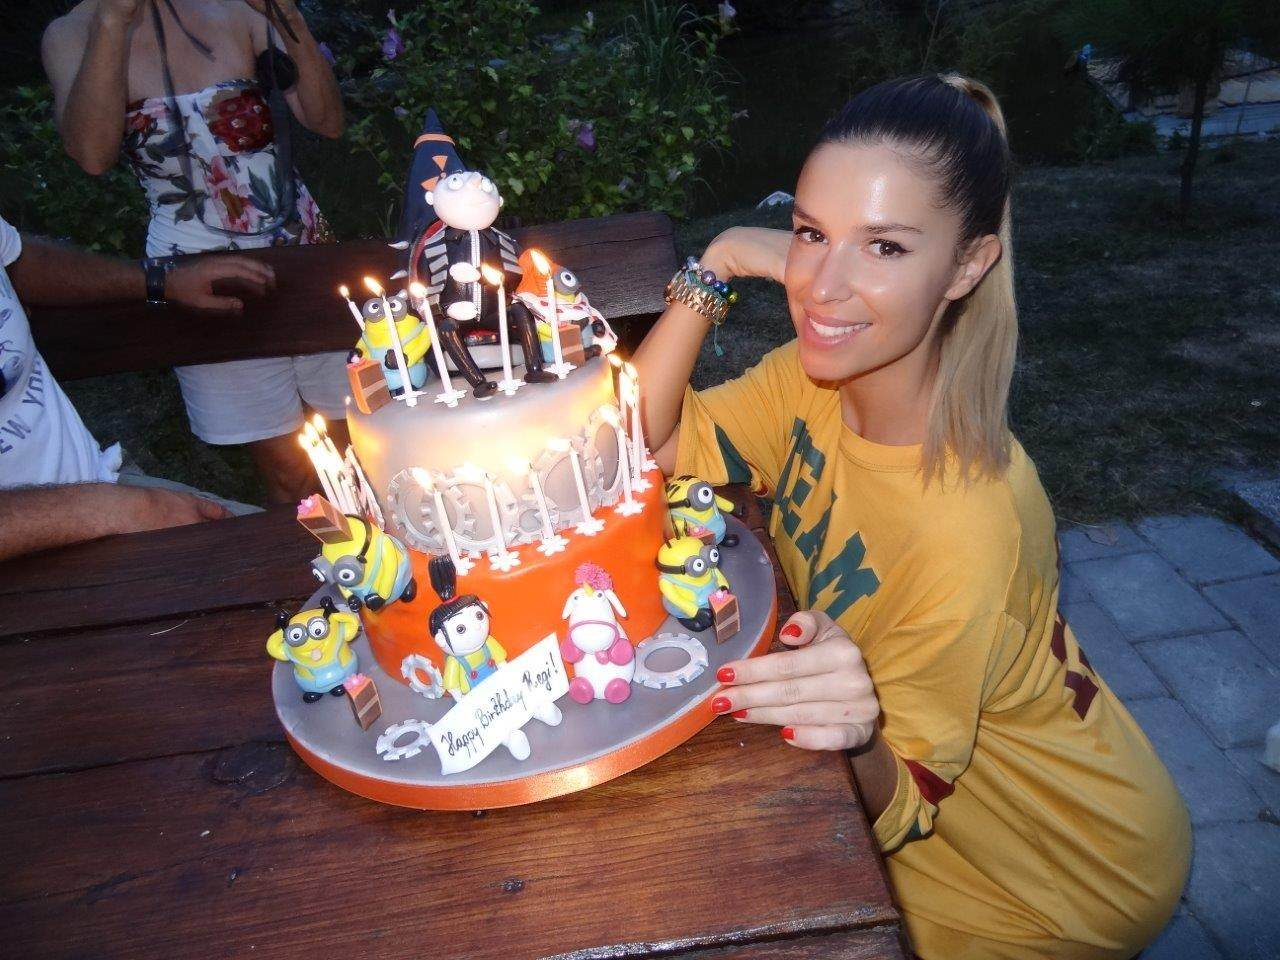 szülinapi figurák torta és karamell: Dukai Regina szülinapi tortája  szülinapi figurák